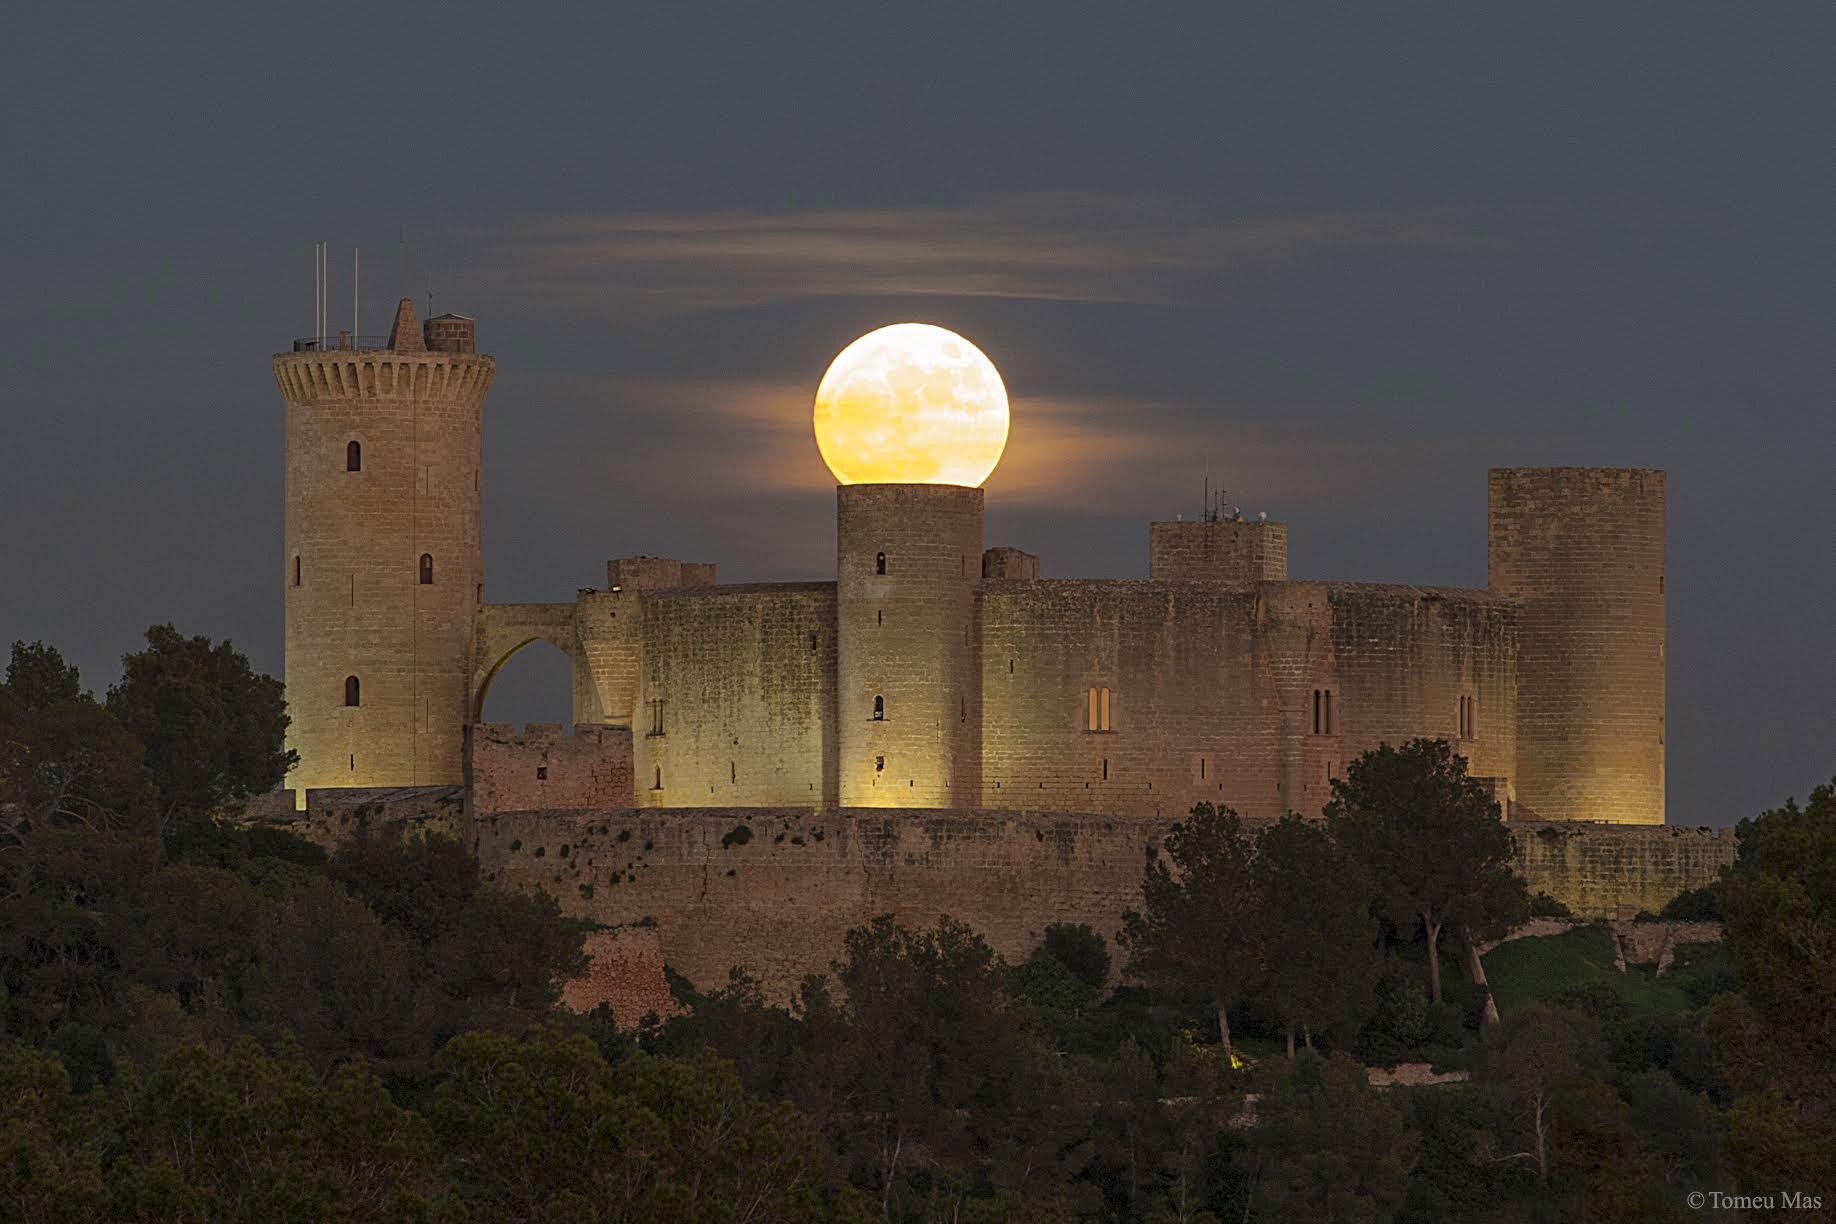 Superlune sur un château en Espagne